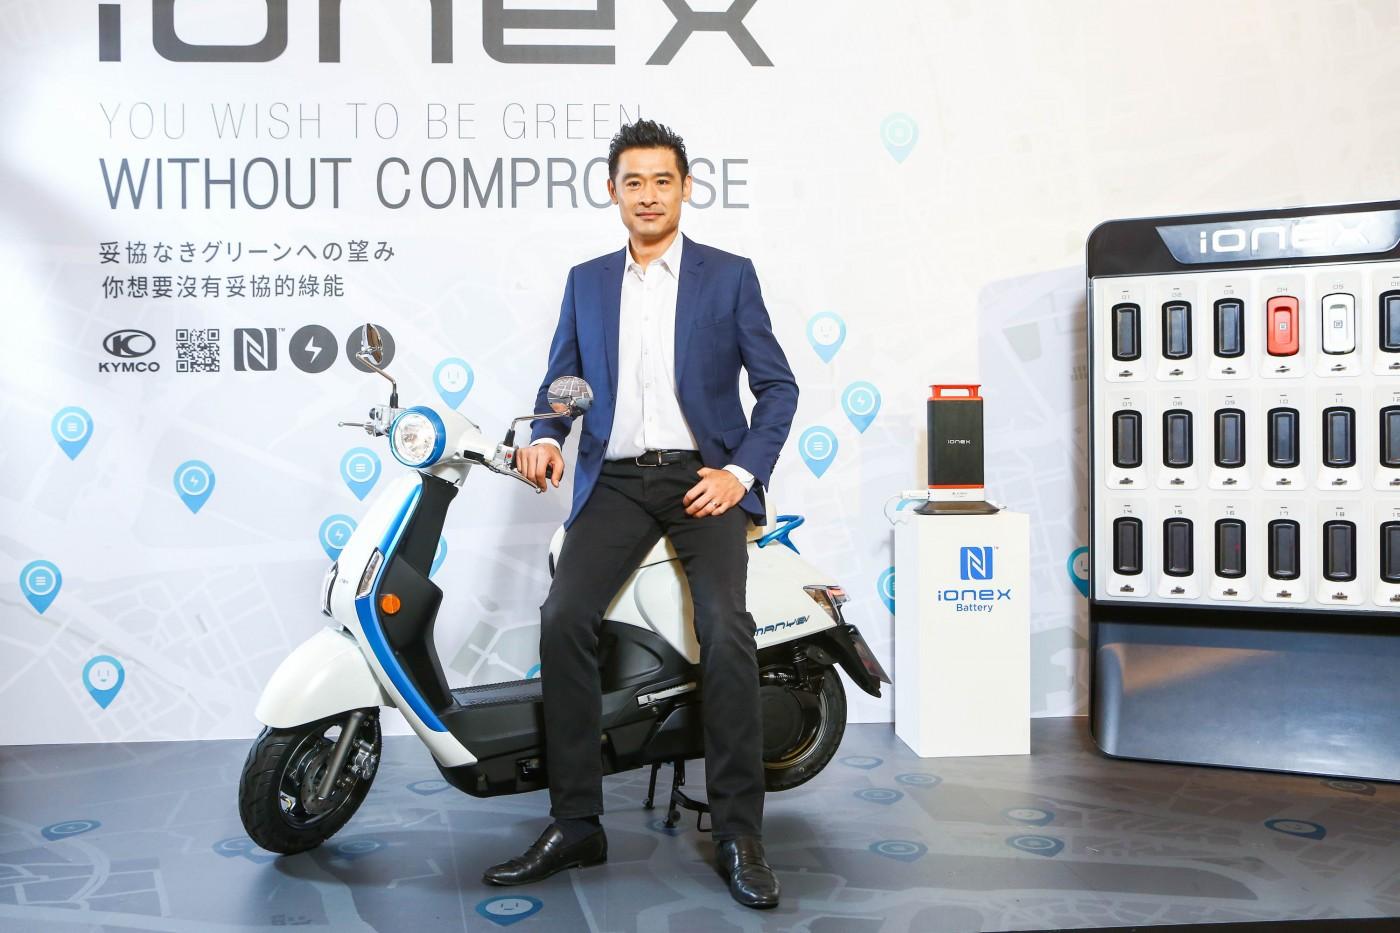 光陽Ionex電動機車銷售成績出爐,10月將進軍巴黎發表商用版